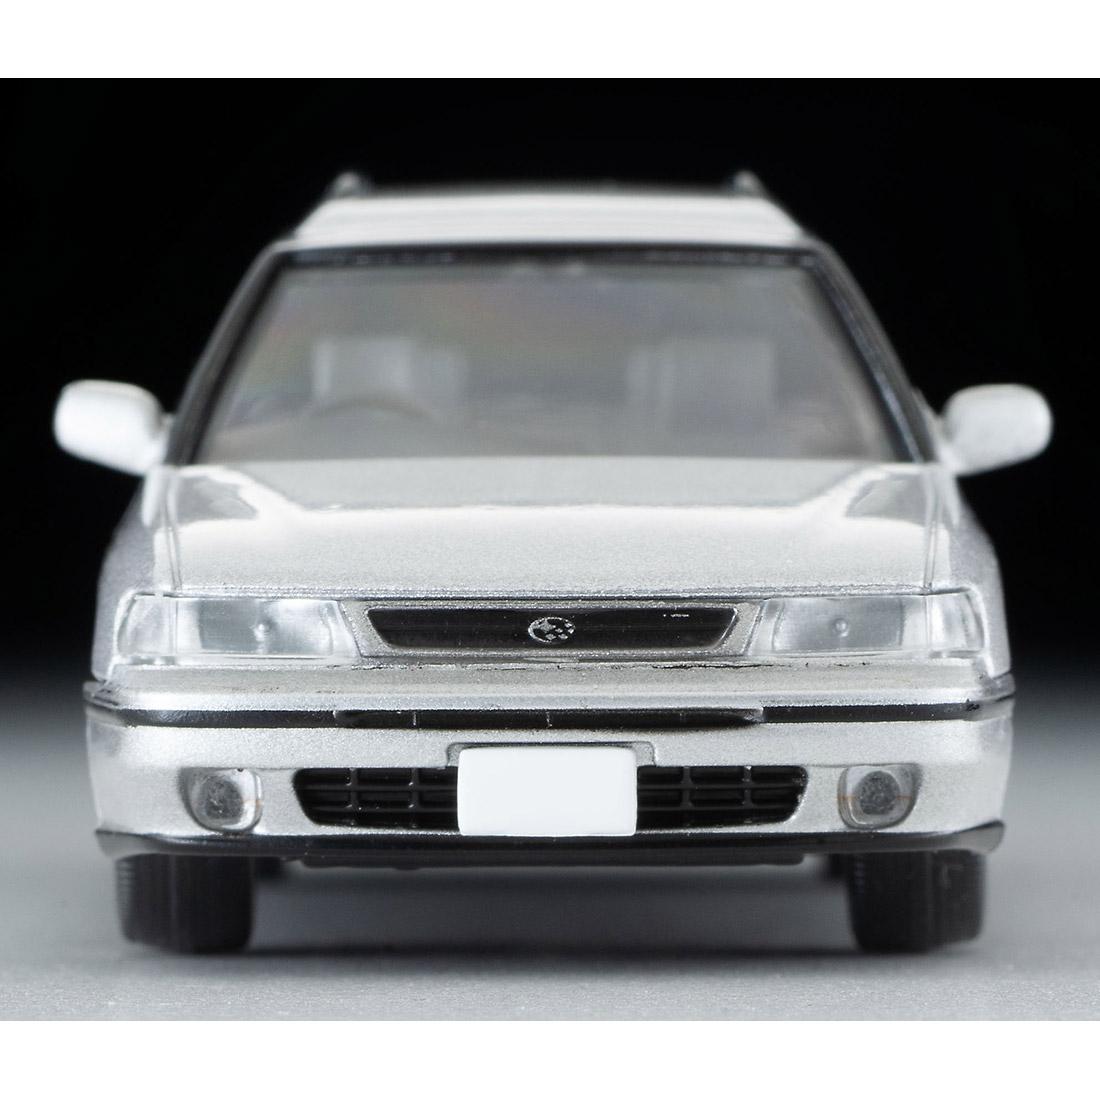 トミカリミテッド ヴィンテージ ネオ TLV-NEO『LV-N220a スバル レガシィ ツーリングワゴン Ti type S(白)』1/64 ミニカー-012